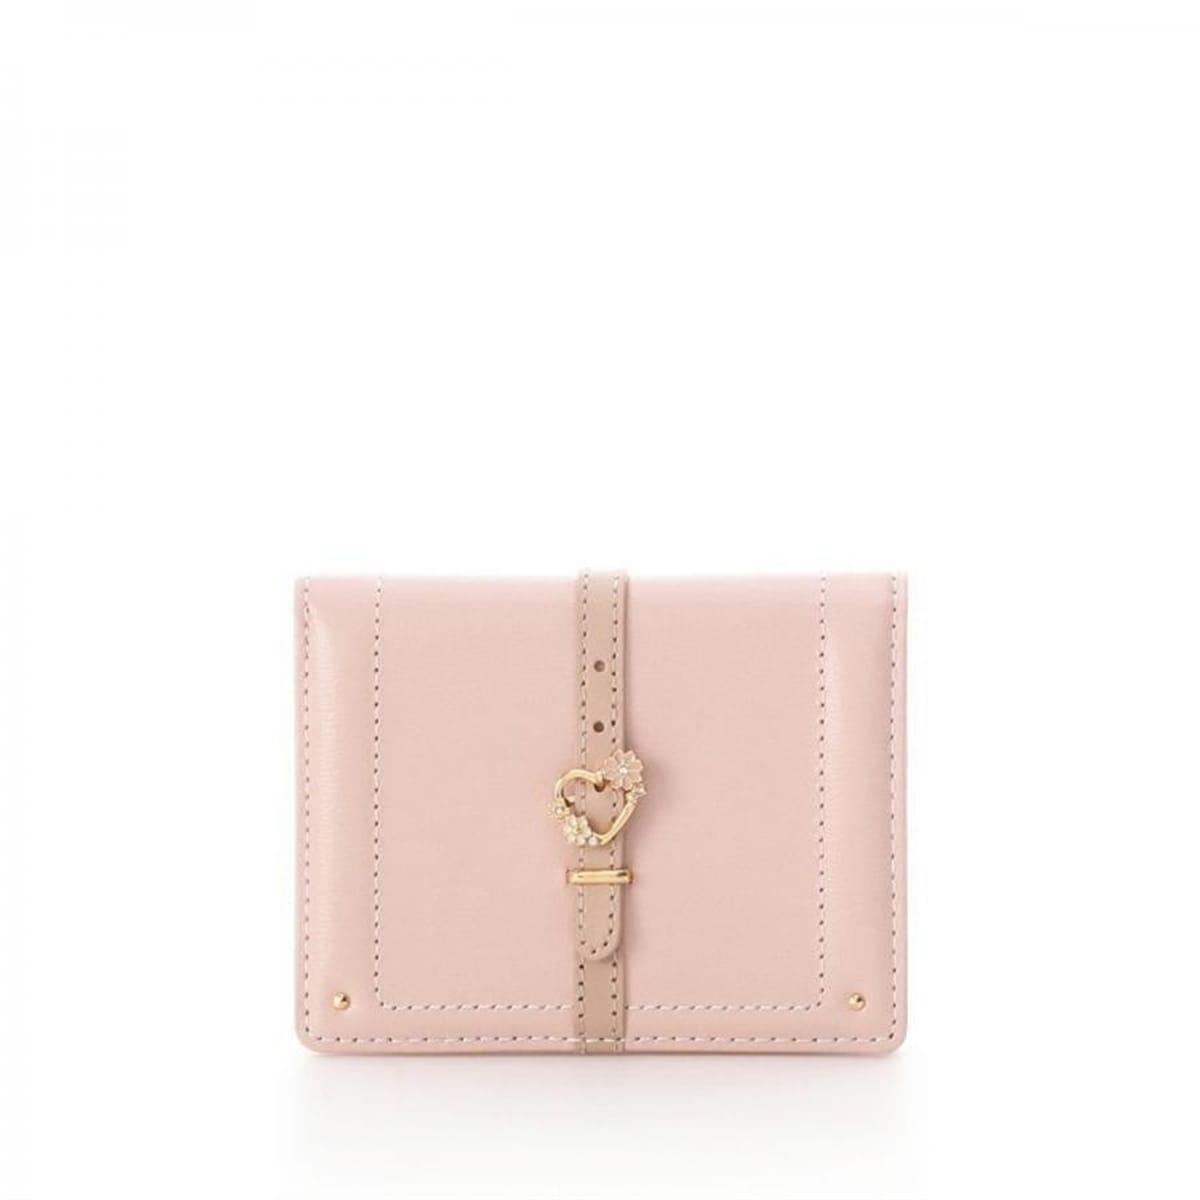 ハートフロントベルト中折財布